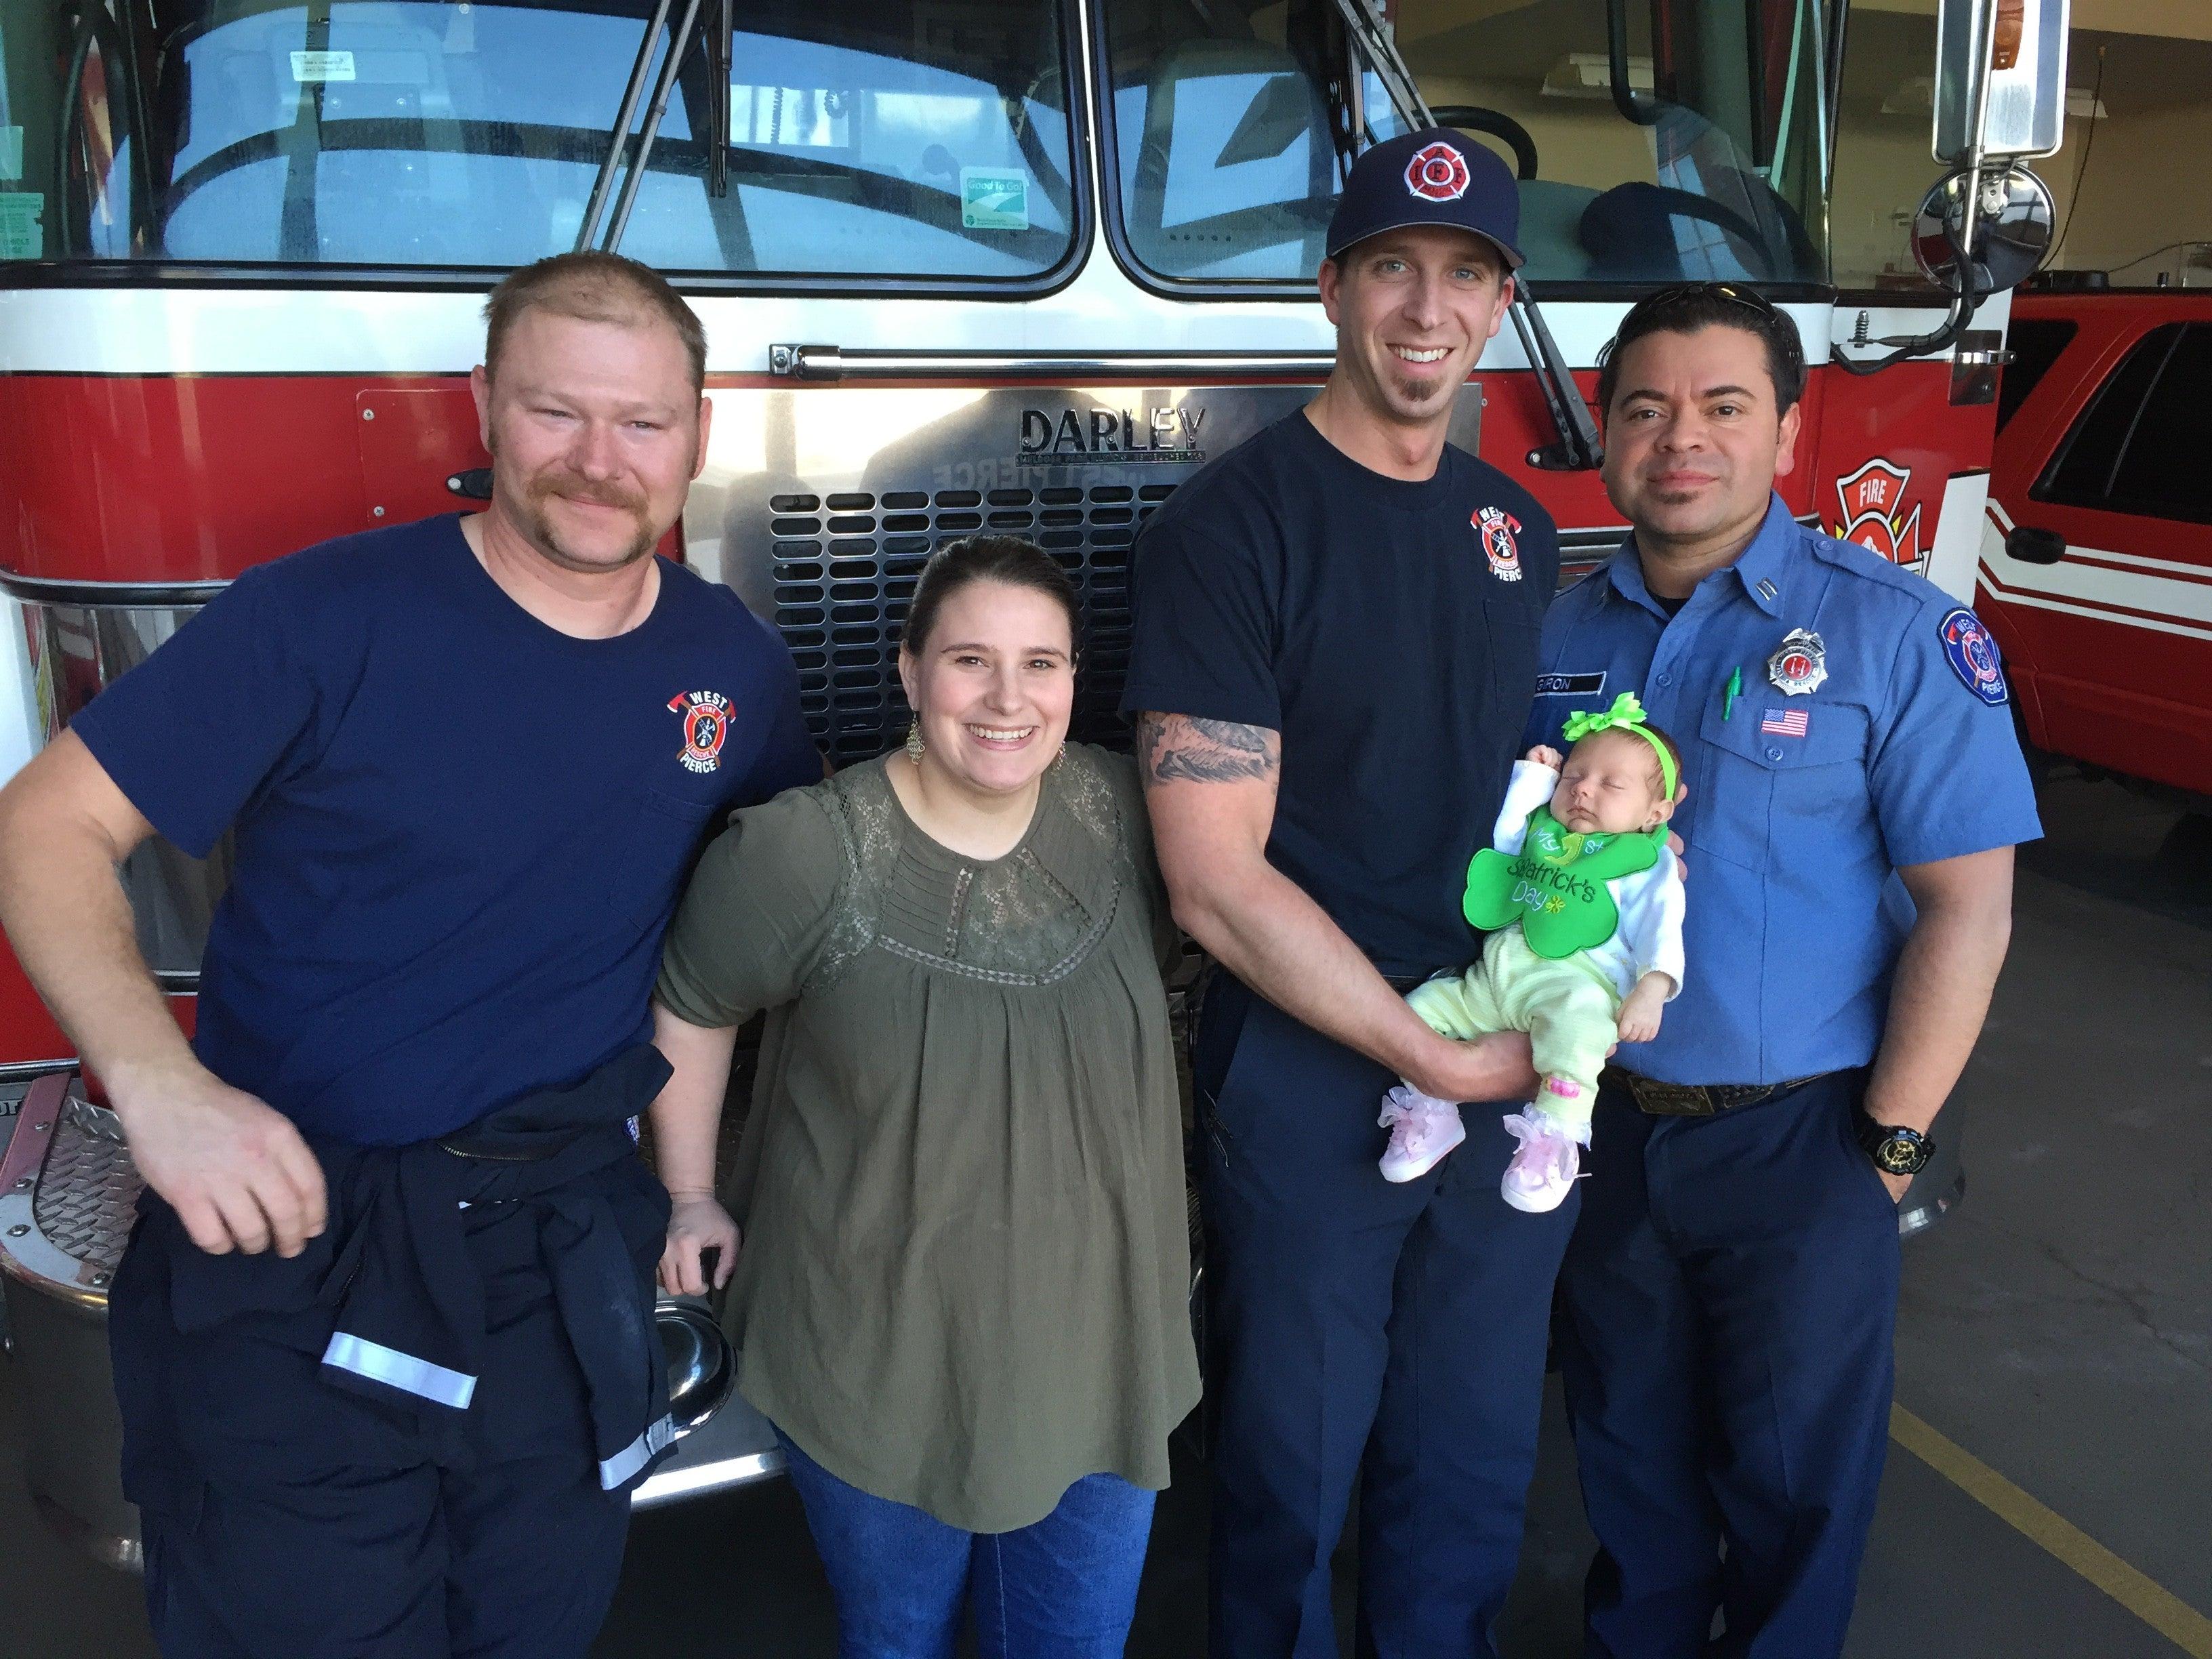 Two Babies Visit West Pierce